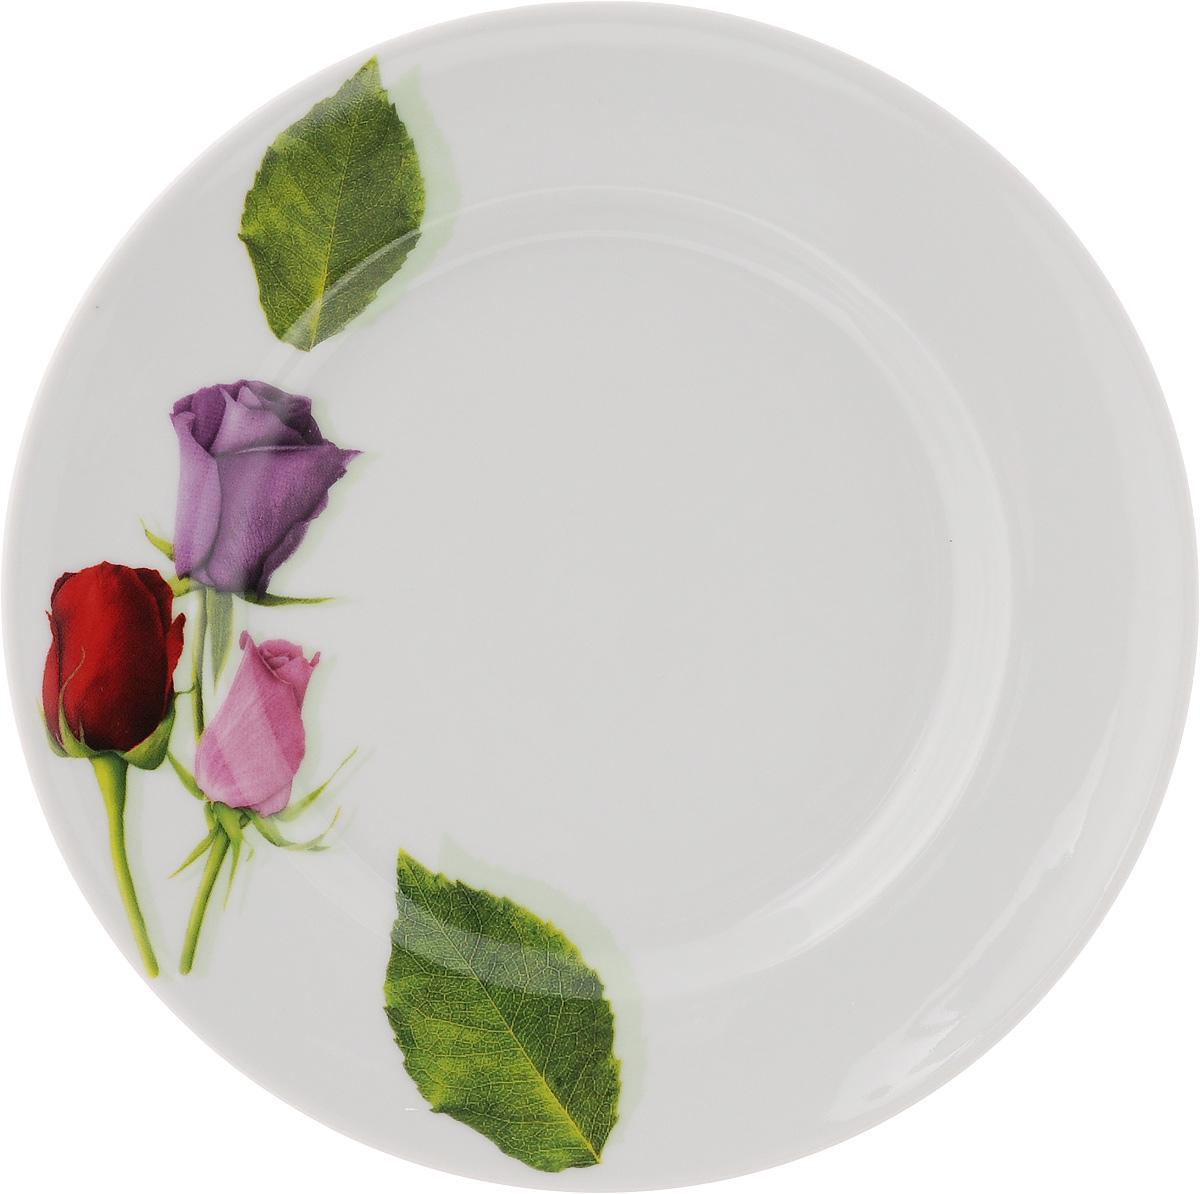 Тарелка Идиллия. Королева цветов, диаметр 19,5 см пиала добрушский фарфоровый завод королева цветов 500 мл